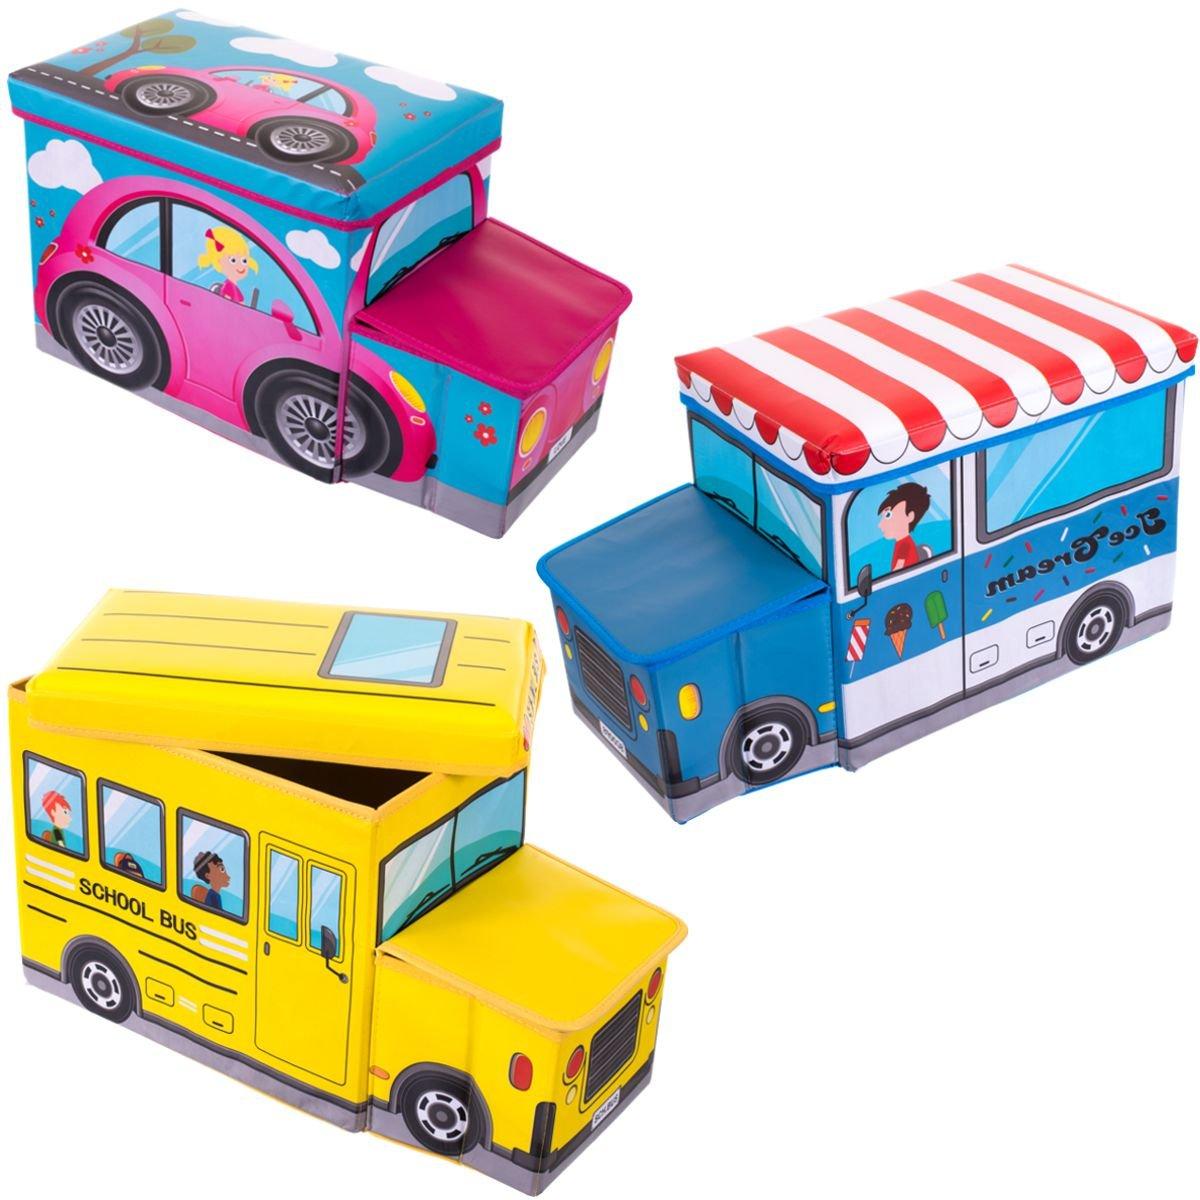 Kinder Staubox Spielzeugkiste Sitzbank Spielzeugboxen Feuerwehr gepolstert Bieco